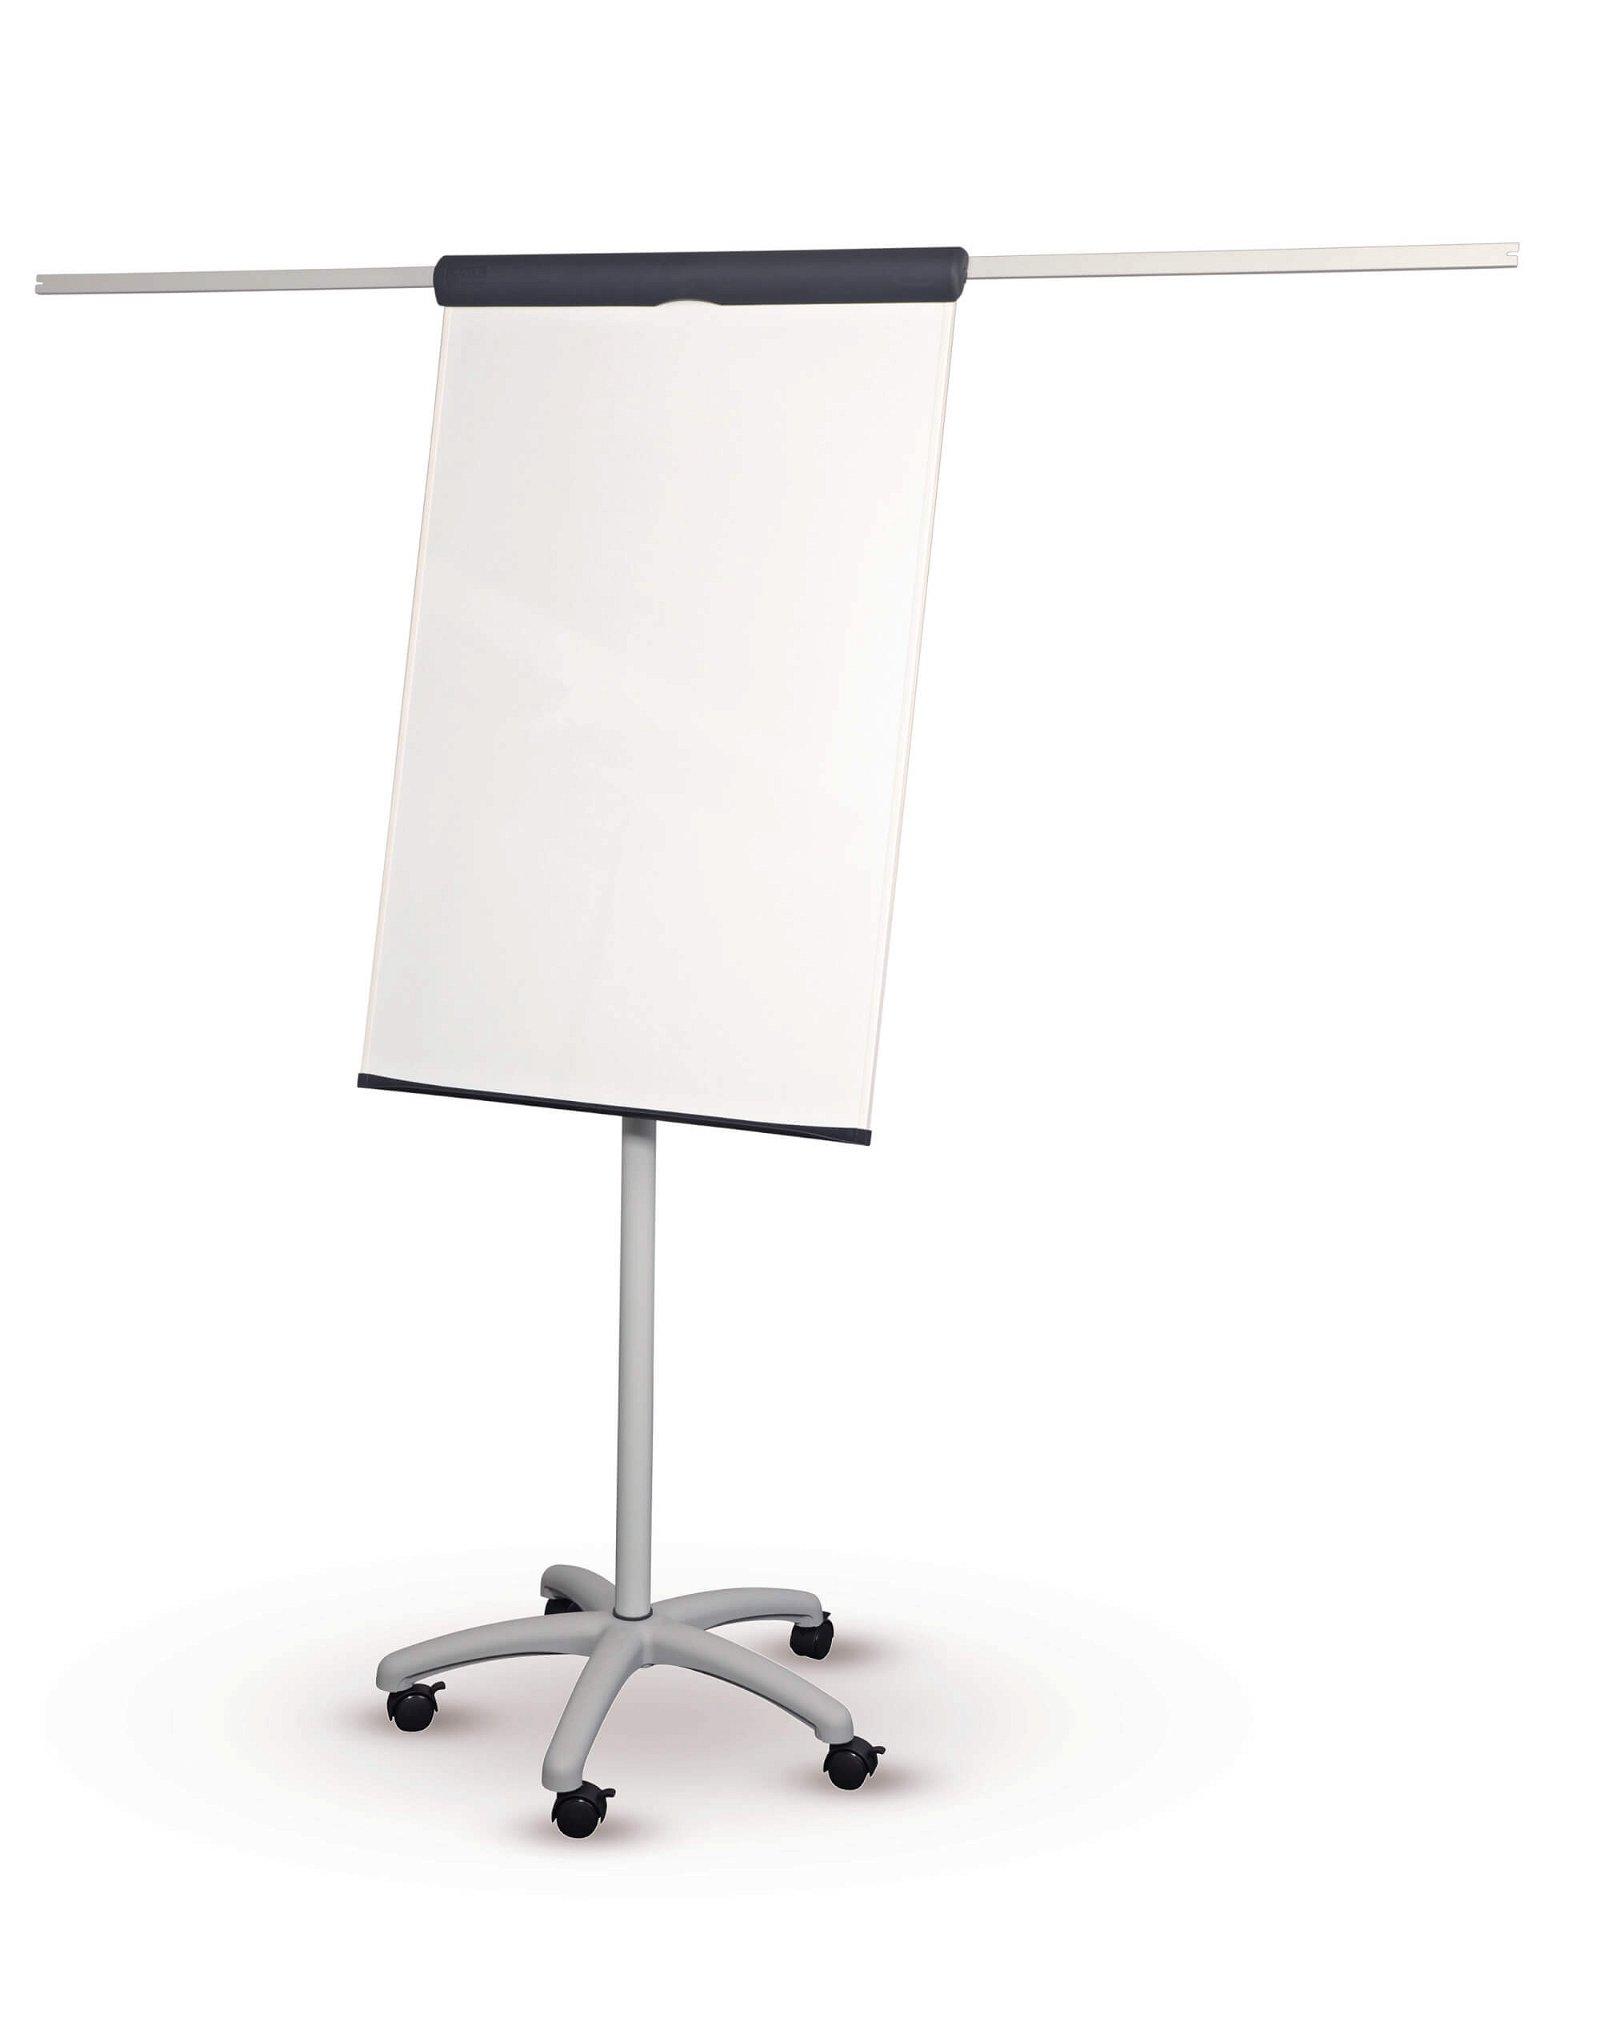 Flipchart MAULstandard, Sternfuß mit 2 Papierhaltern, grau